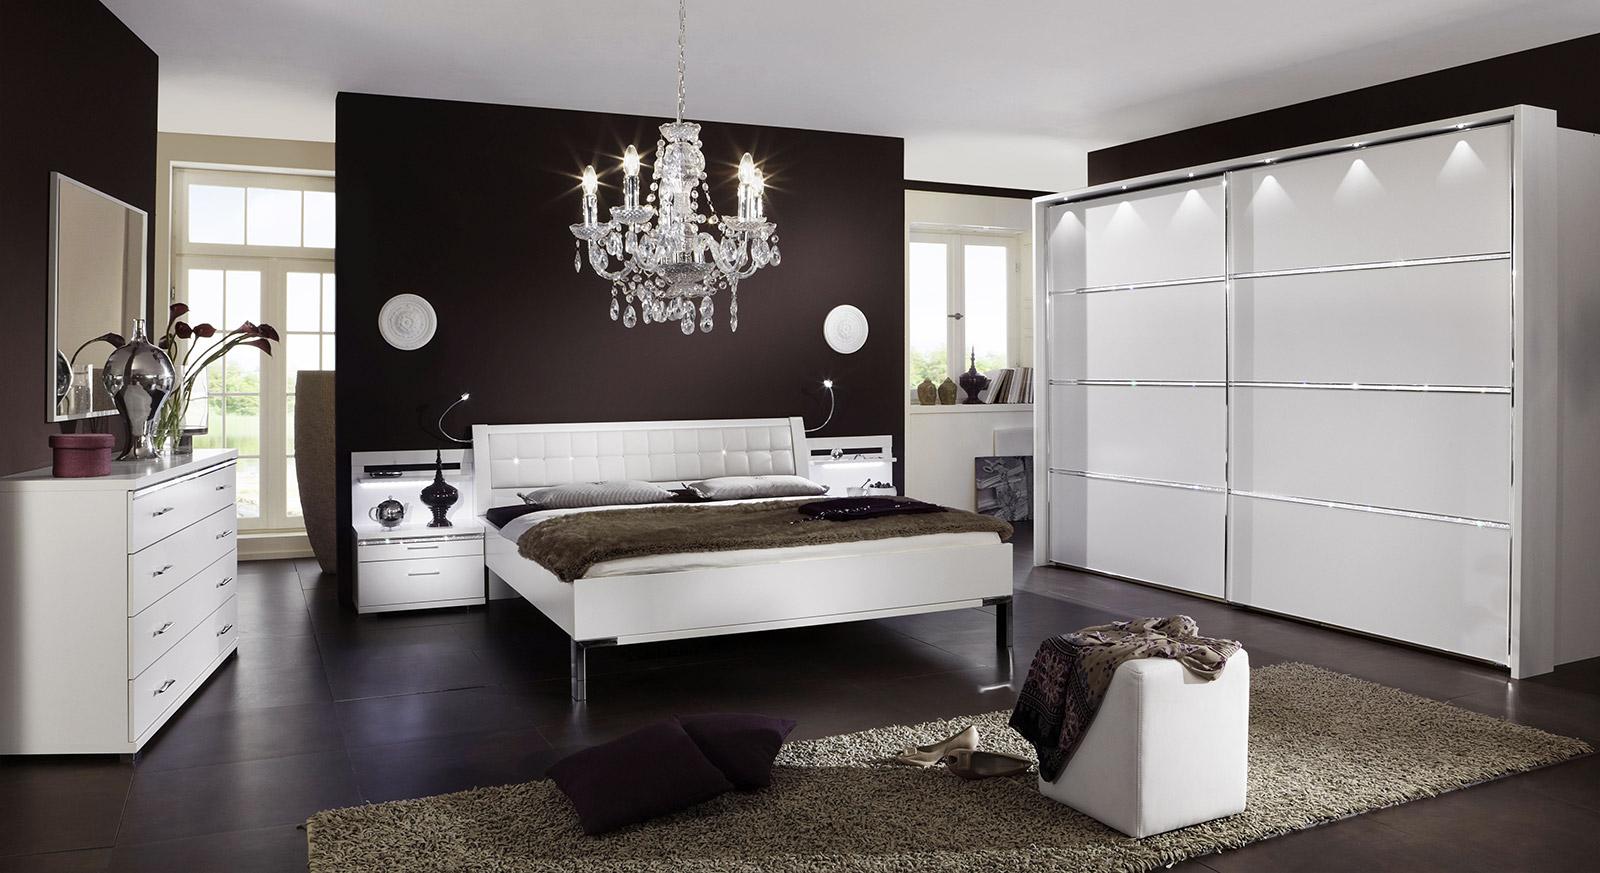 Schwebetüren-Kleiderschrank Huddersfield in Weiß mit passenden Produkten